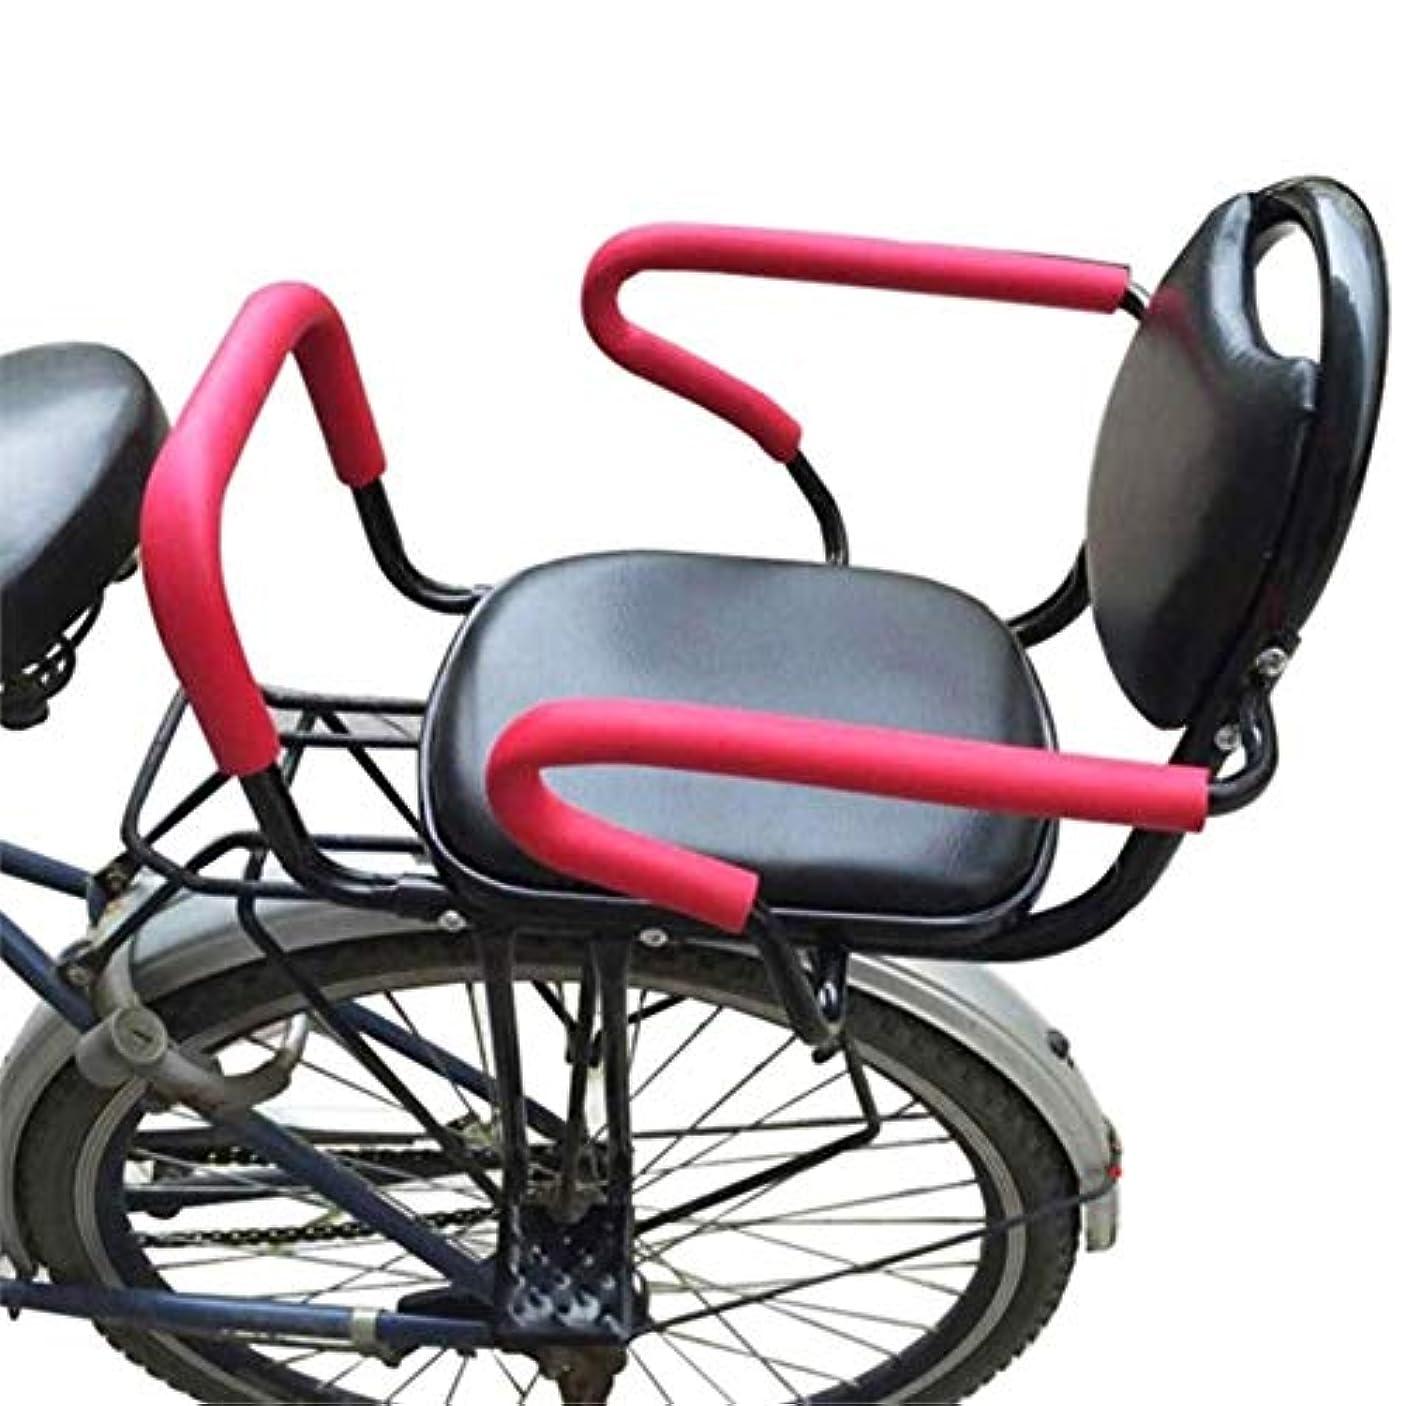 汚いラケットバスケットボールバイクリアシートキッズクッションフットレストセットチャイルドキャリアバイクバックシートチャイルドアームレストシートクッション 自転車用アクセサリー (Color : Black)